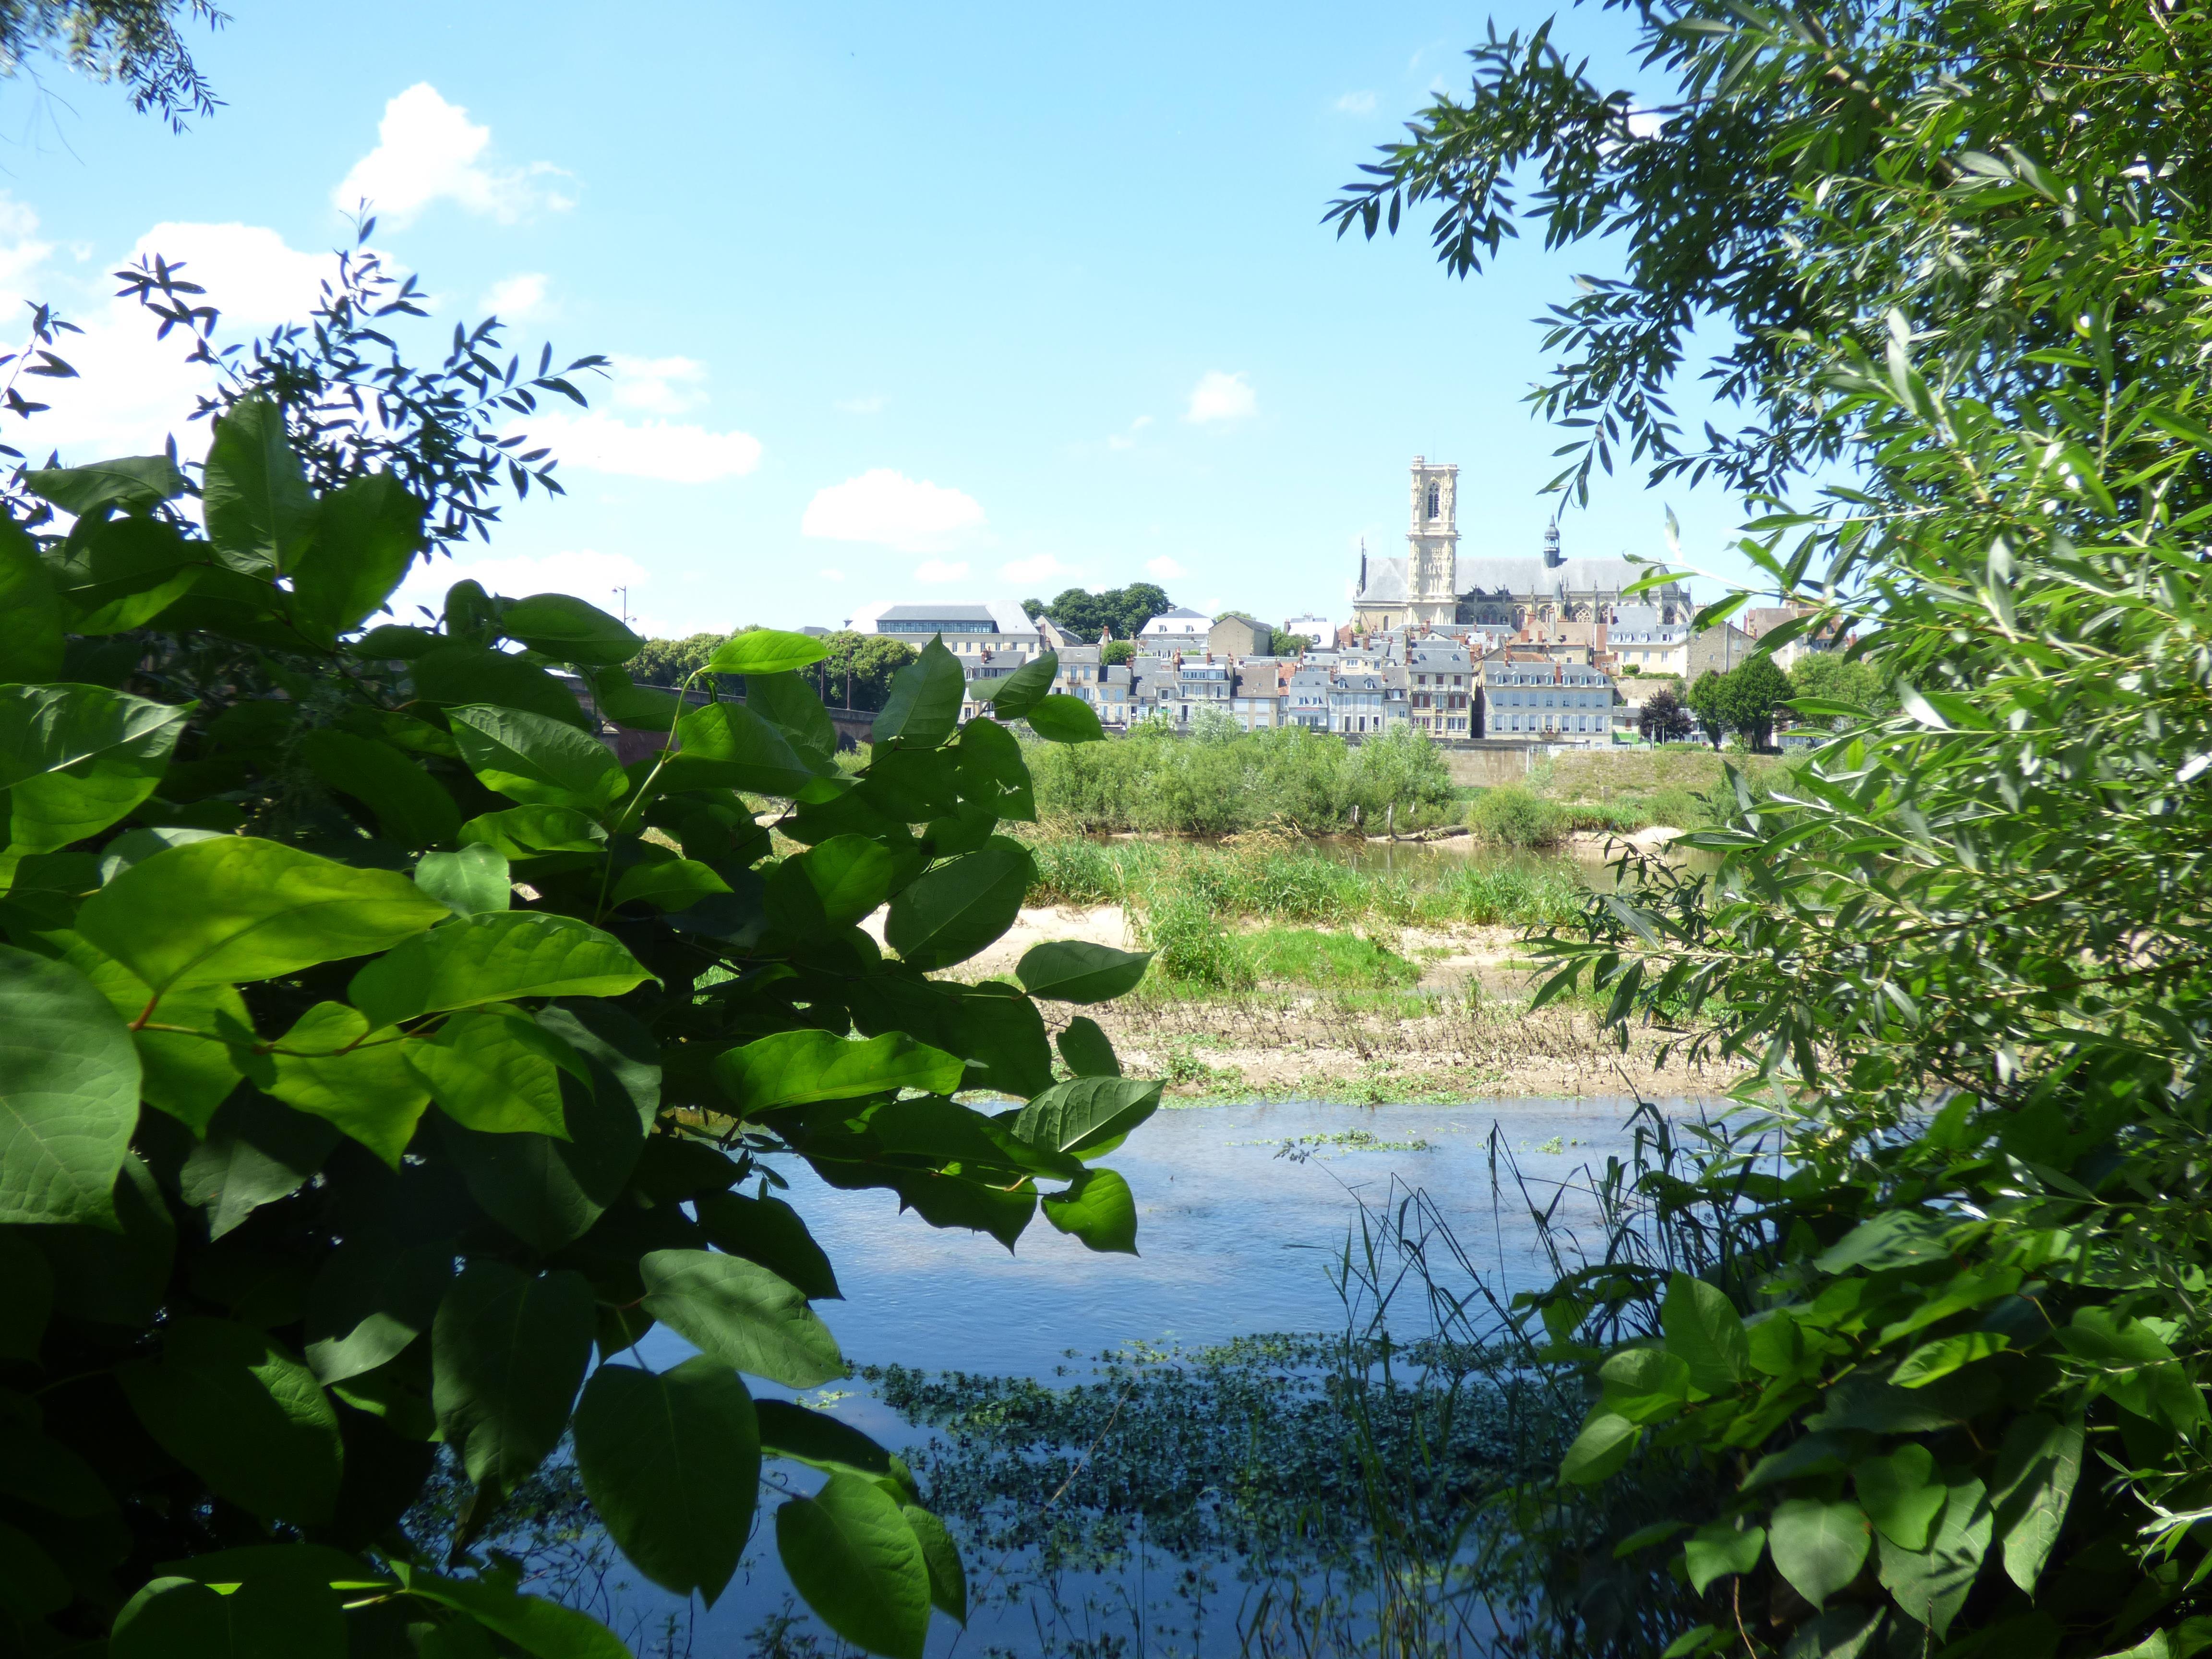 Location vacances Bourgogne réservez votre location Bourgogne  105€